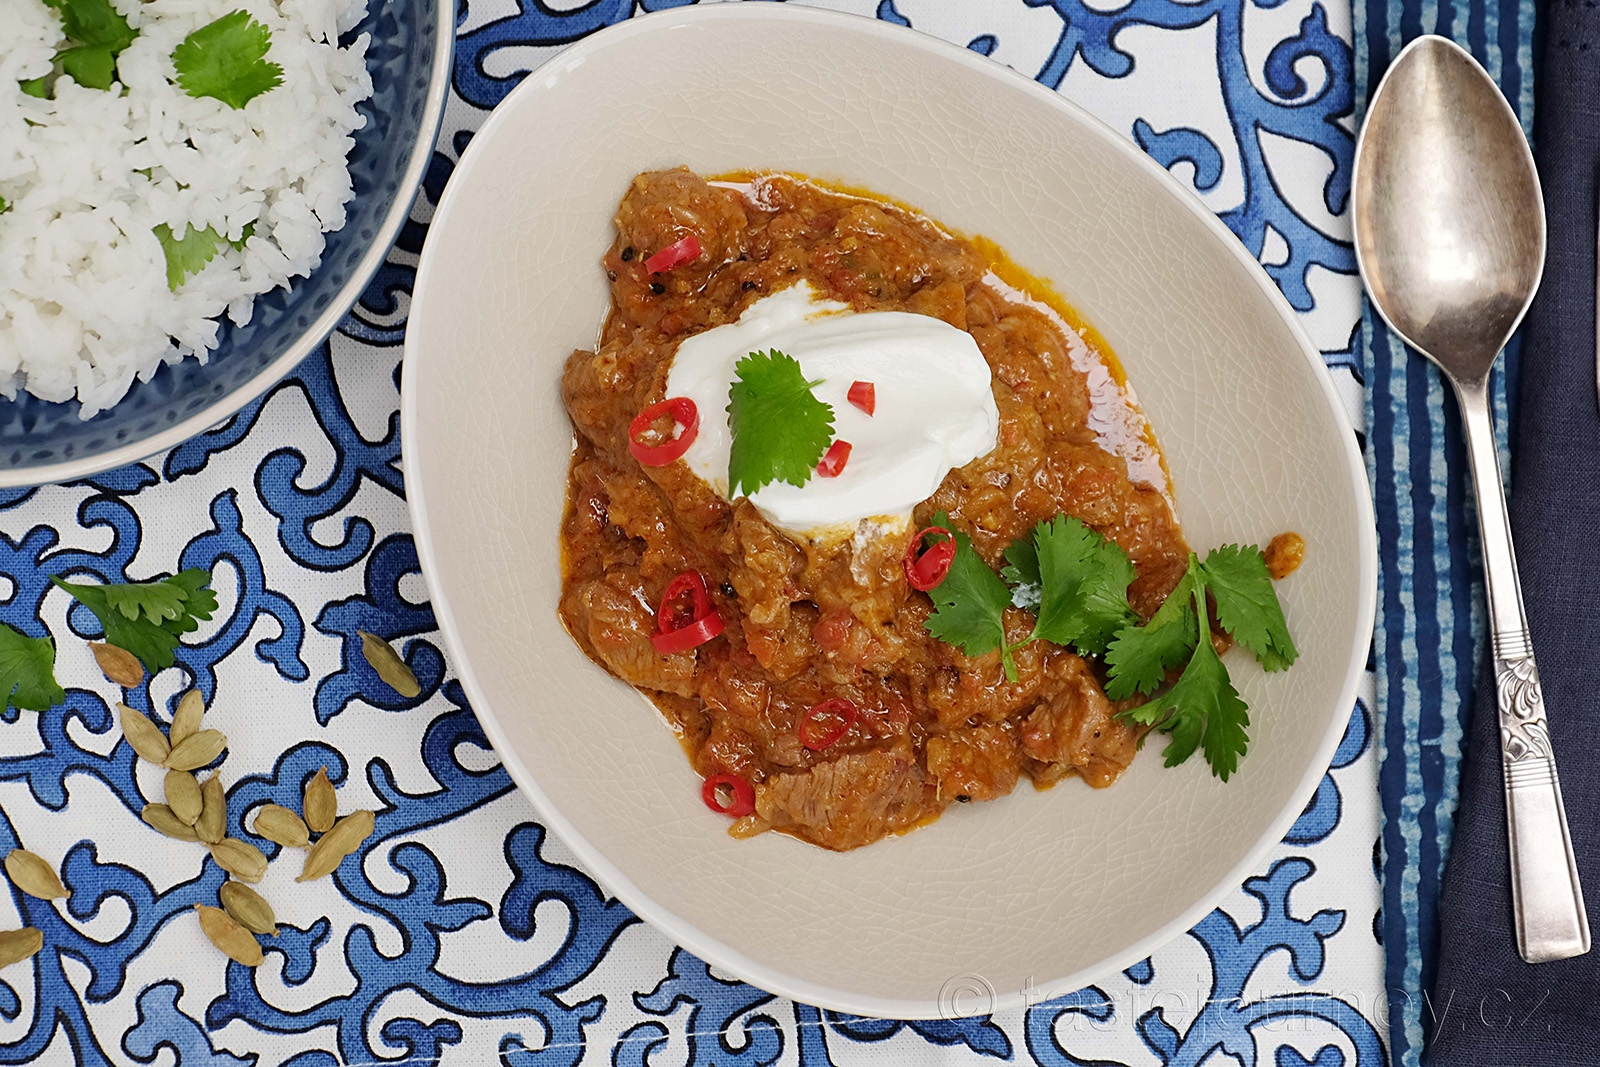 Jehnečí kari s chutí kardamomu je pochoutkou indické kuchyně